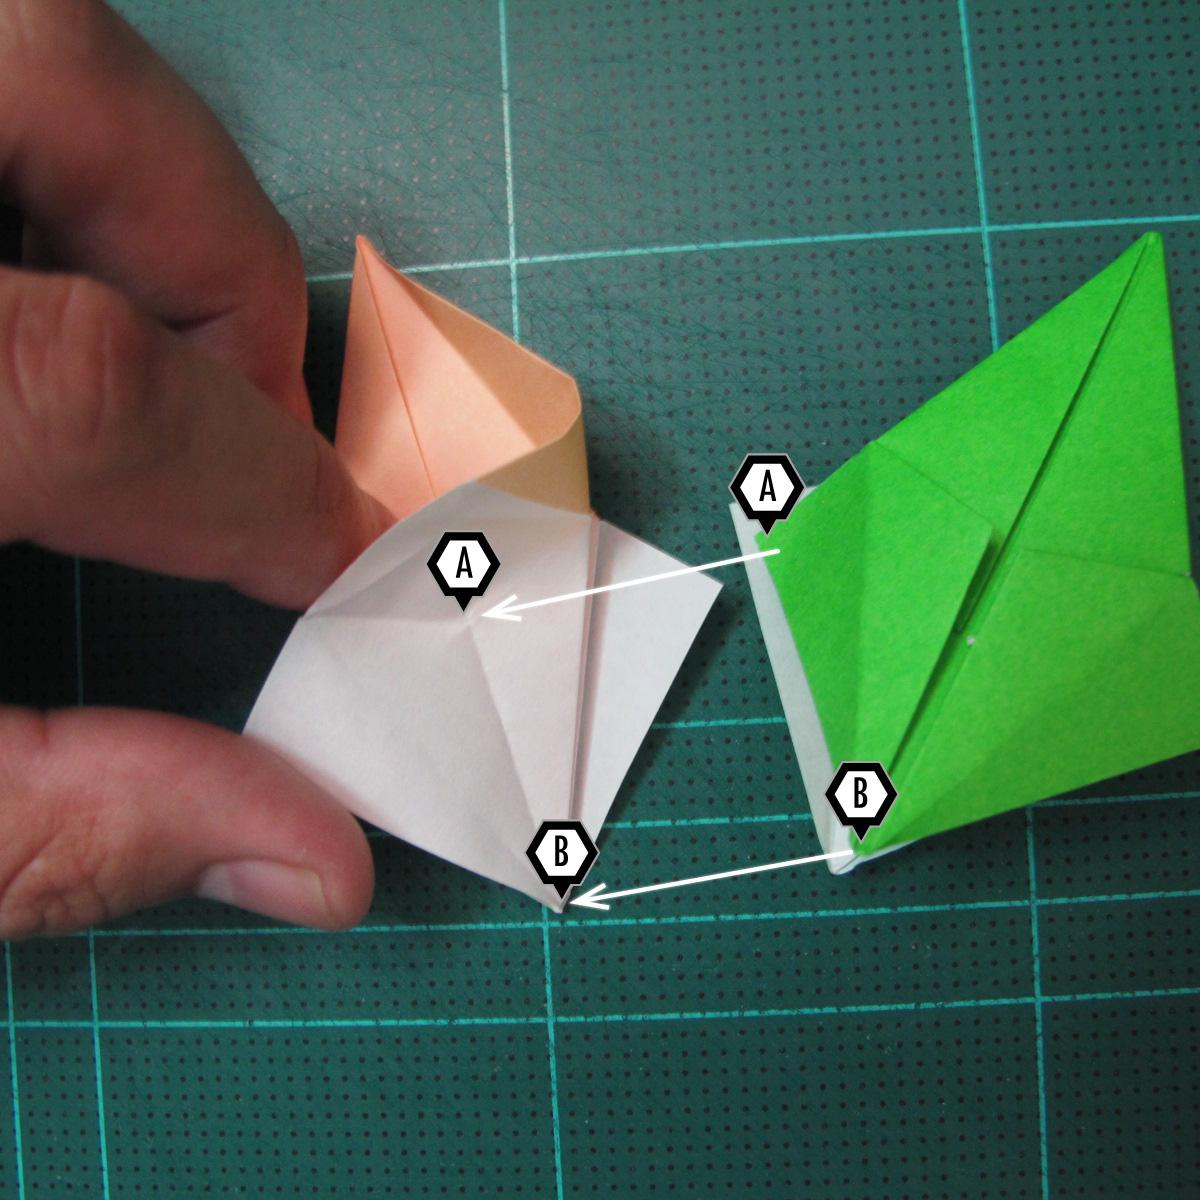 การพับกระดาษแบบโมดูล่าเป็นดาวสปาราซิส (Modular Origami Sparaxis Star) 015